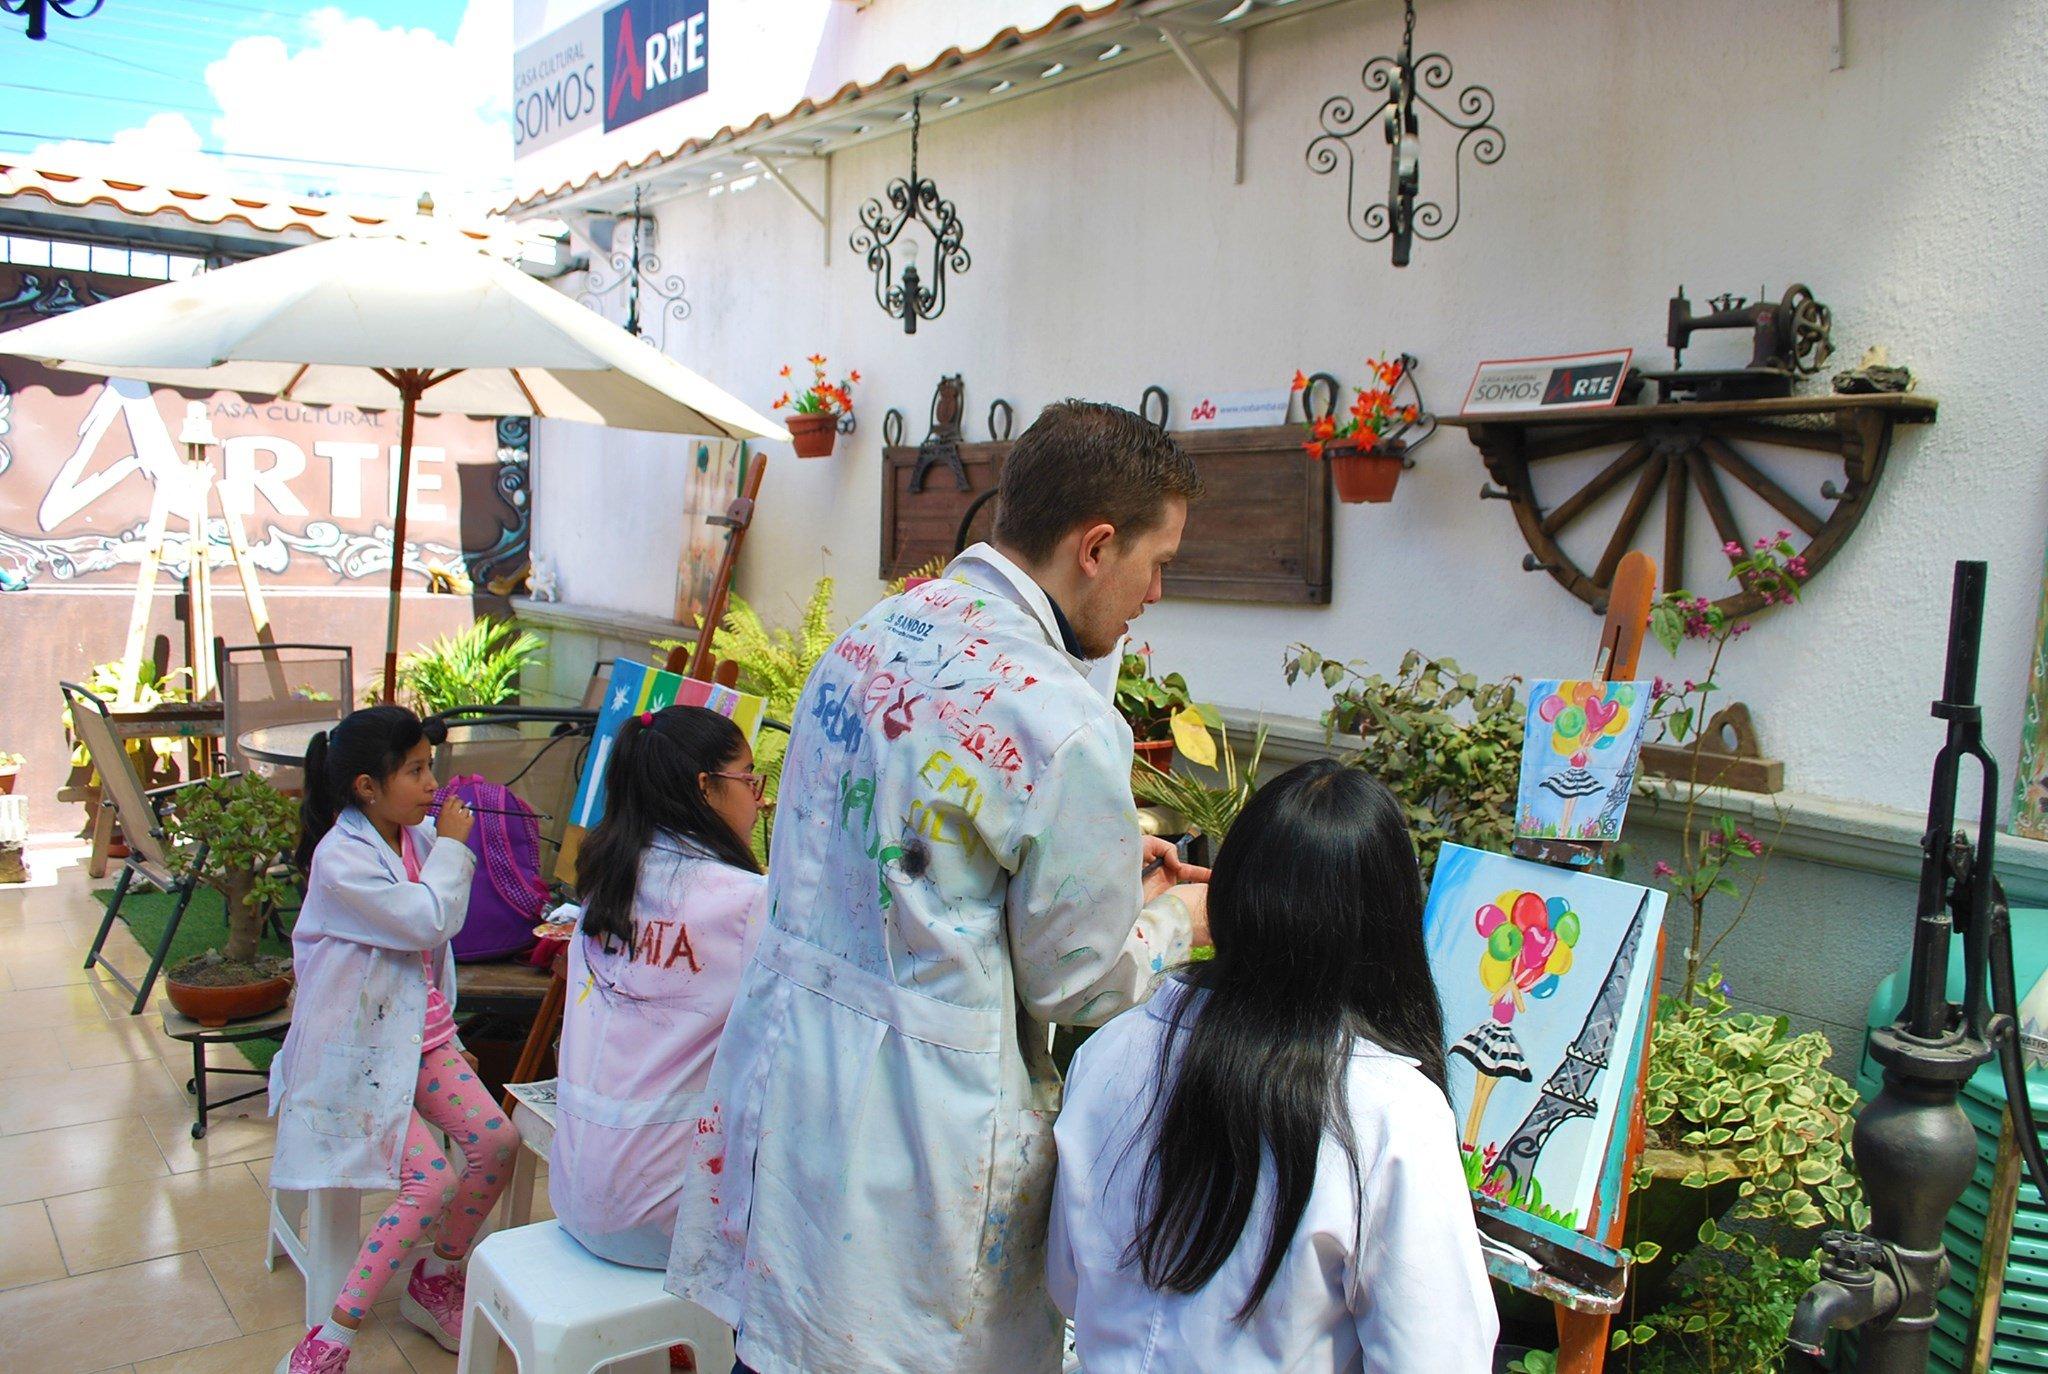 Cursos Riobamba – Talleres permanentes de pintura para todas las edades